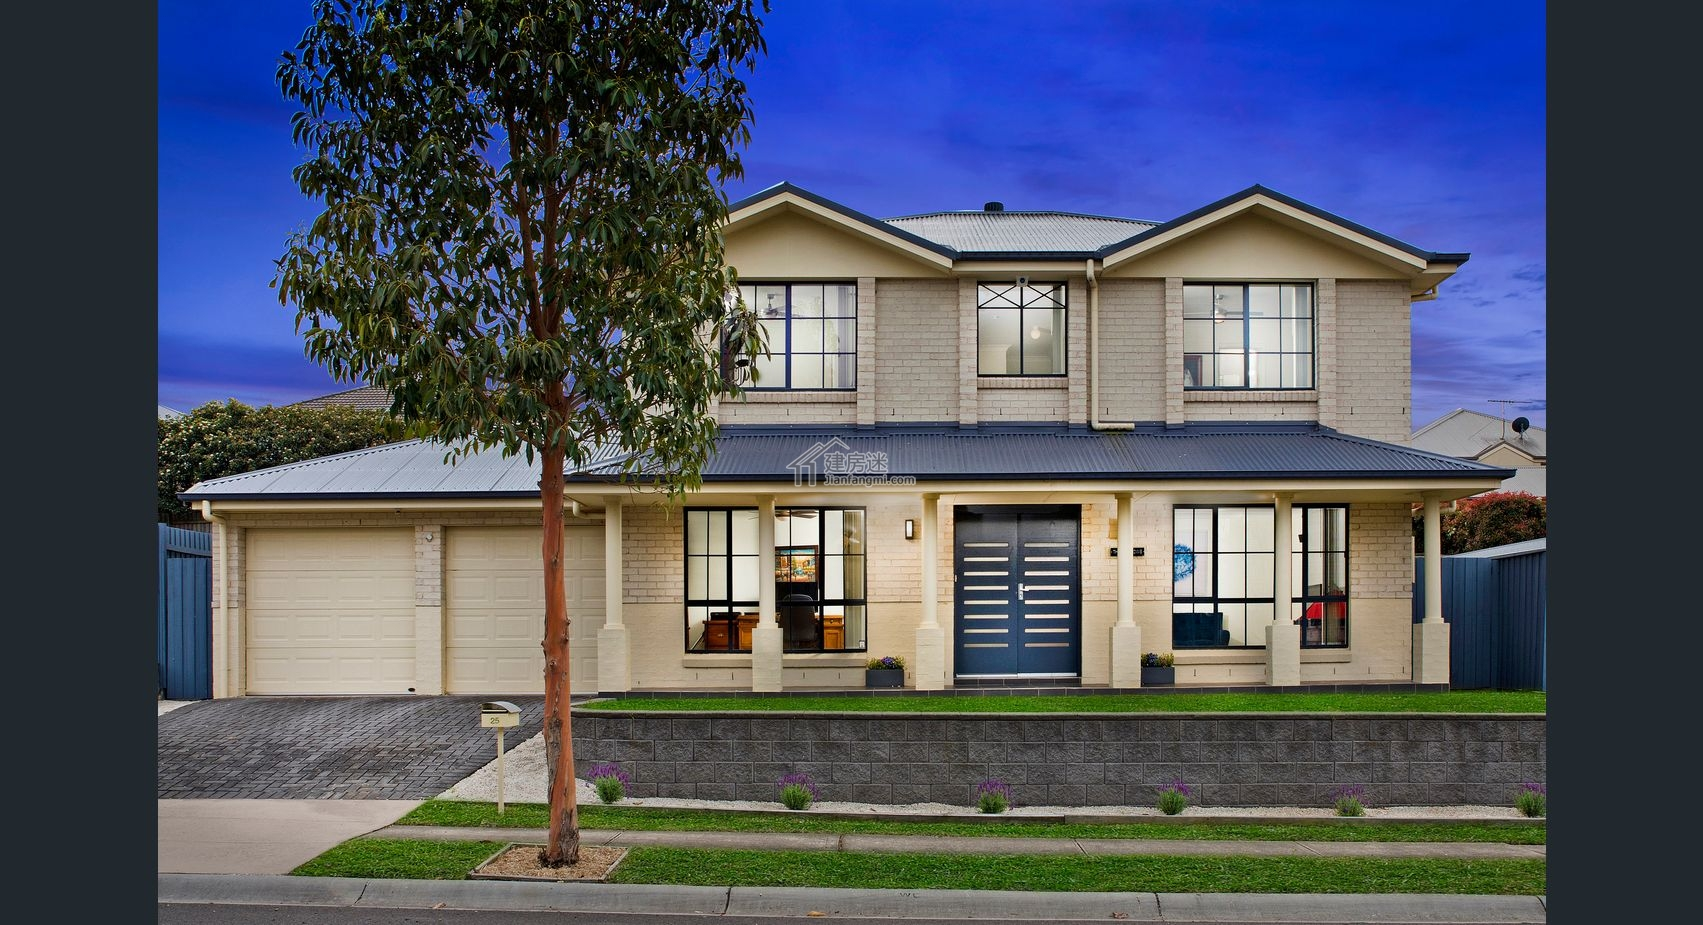 建房迷農村蓋房10米x8米三間兩層美式風格別墅設計圖帶平面圖